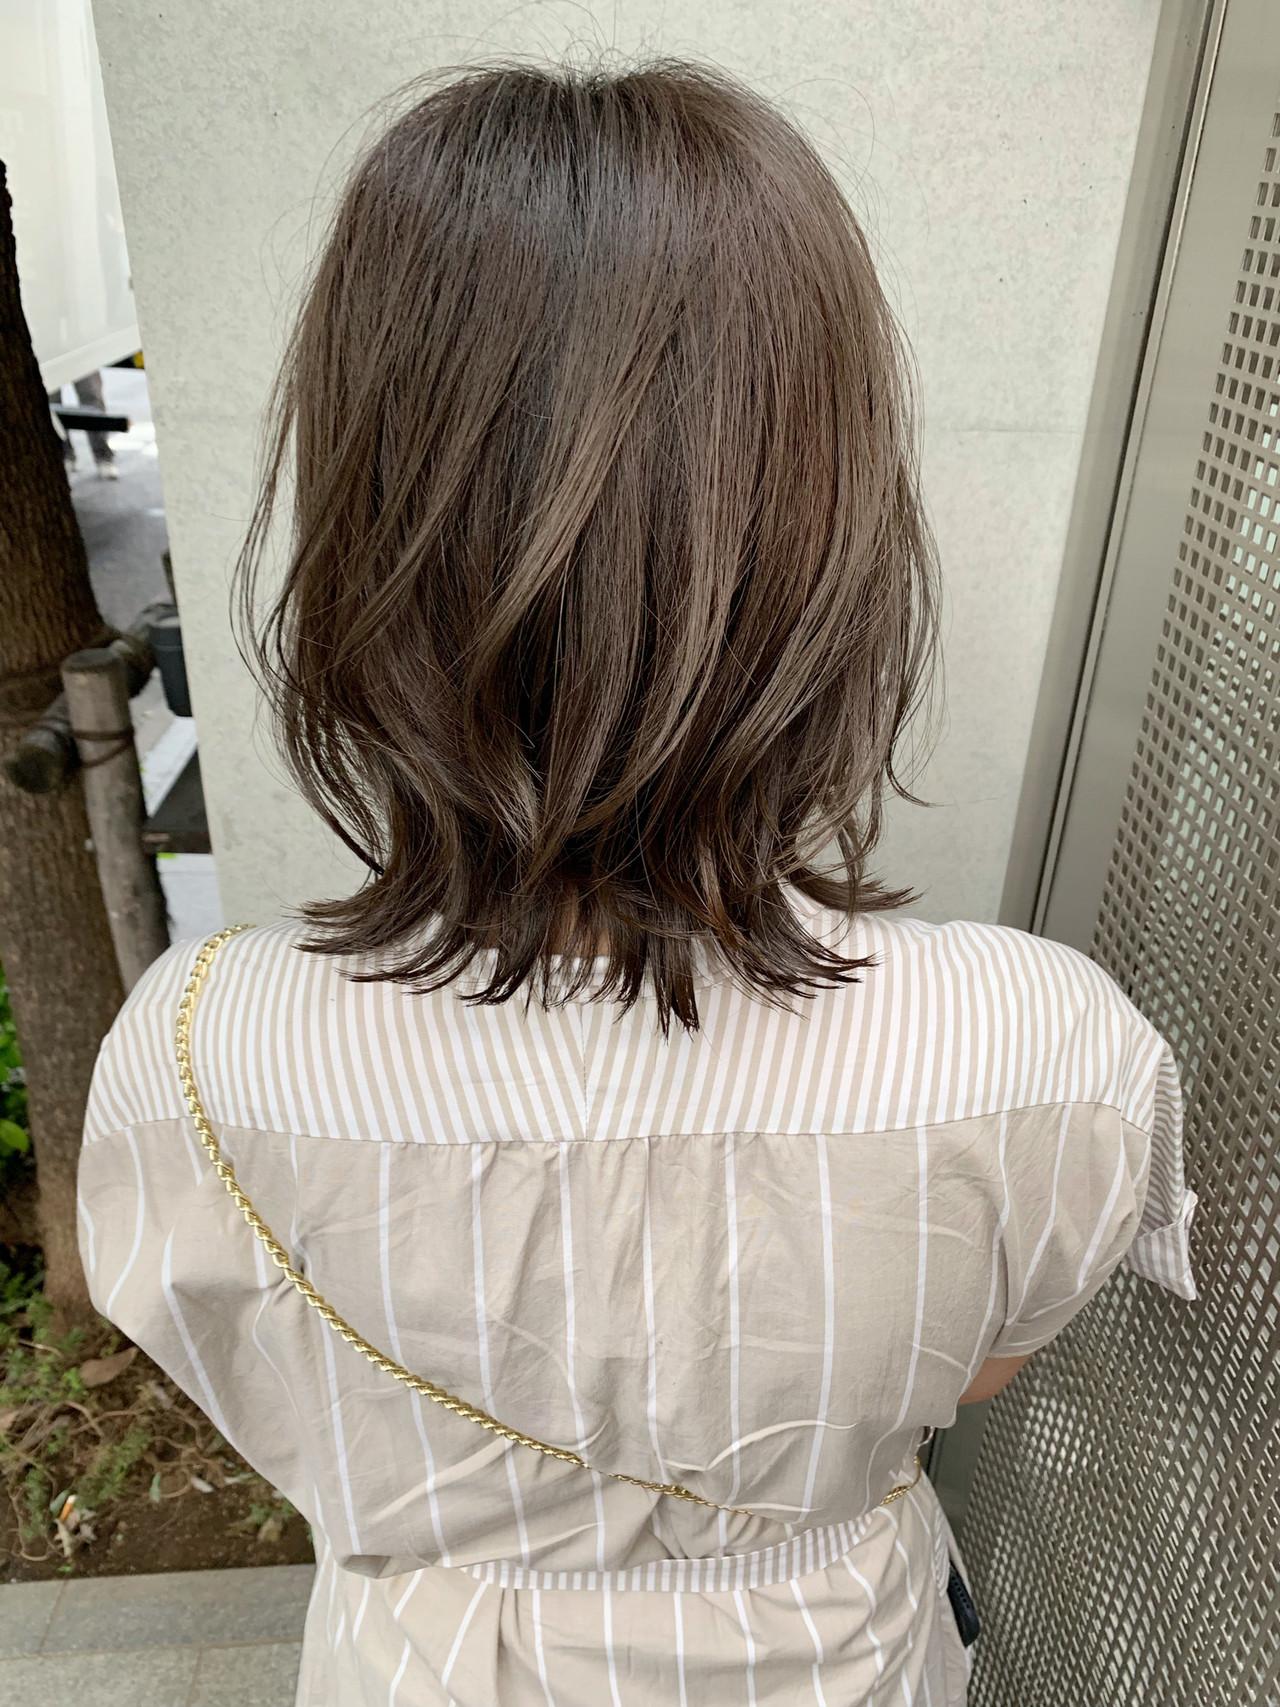 グレージュ フェミニン アンニュイほつれヘア ウルフカット ヘアスタイルや髪型の写真・画像